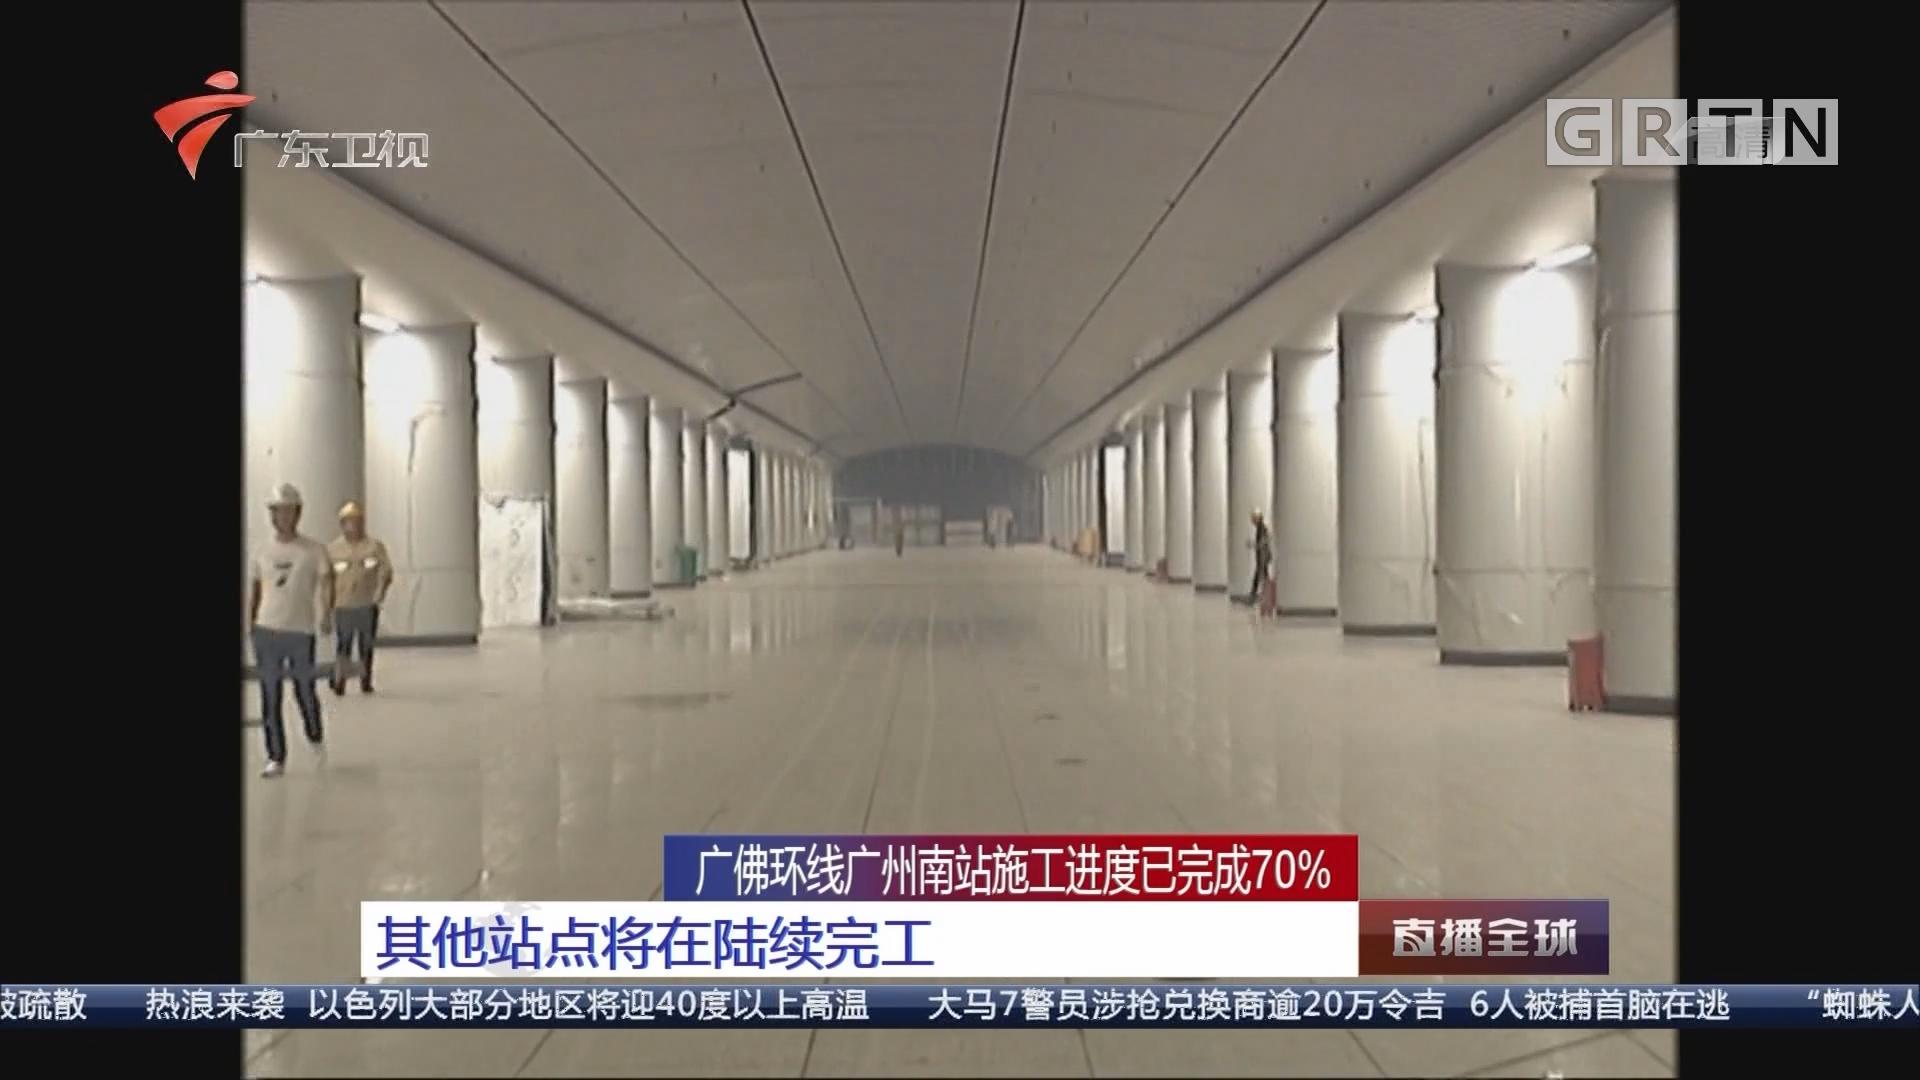 广佛环线广州南站施工进度已完成70% 目前国内最大的城际铁路地下站